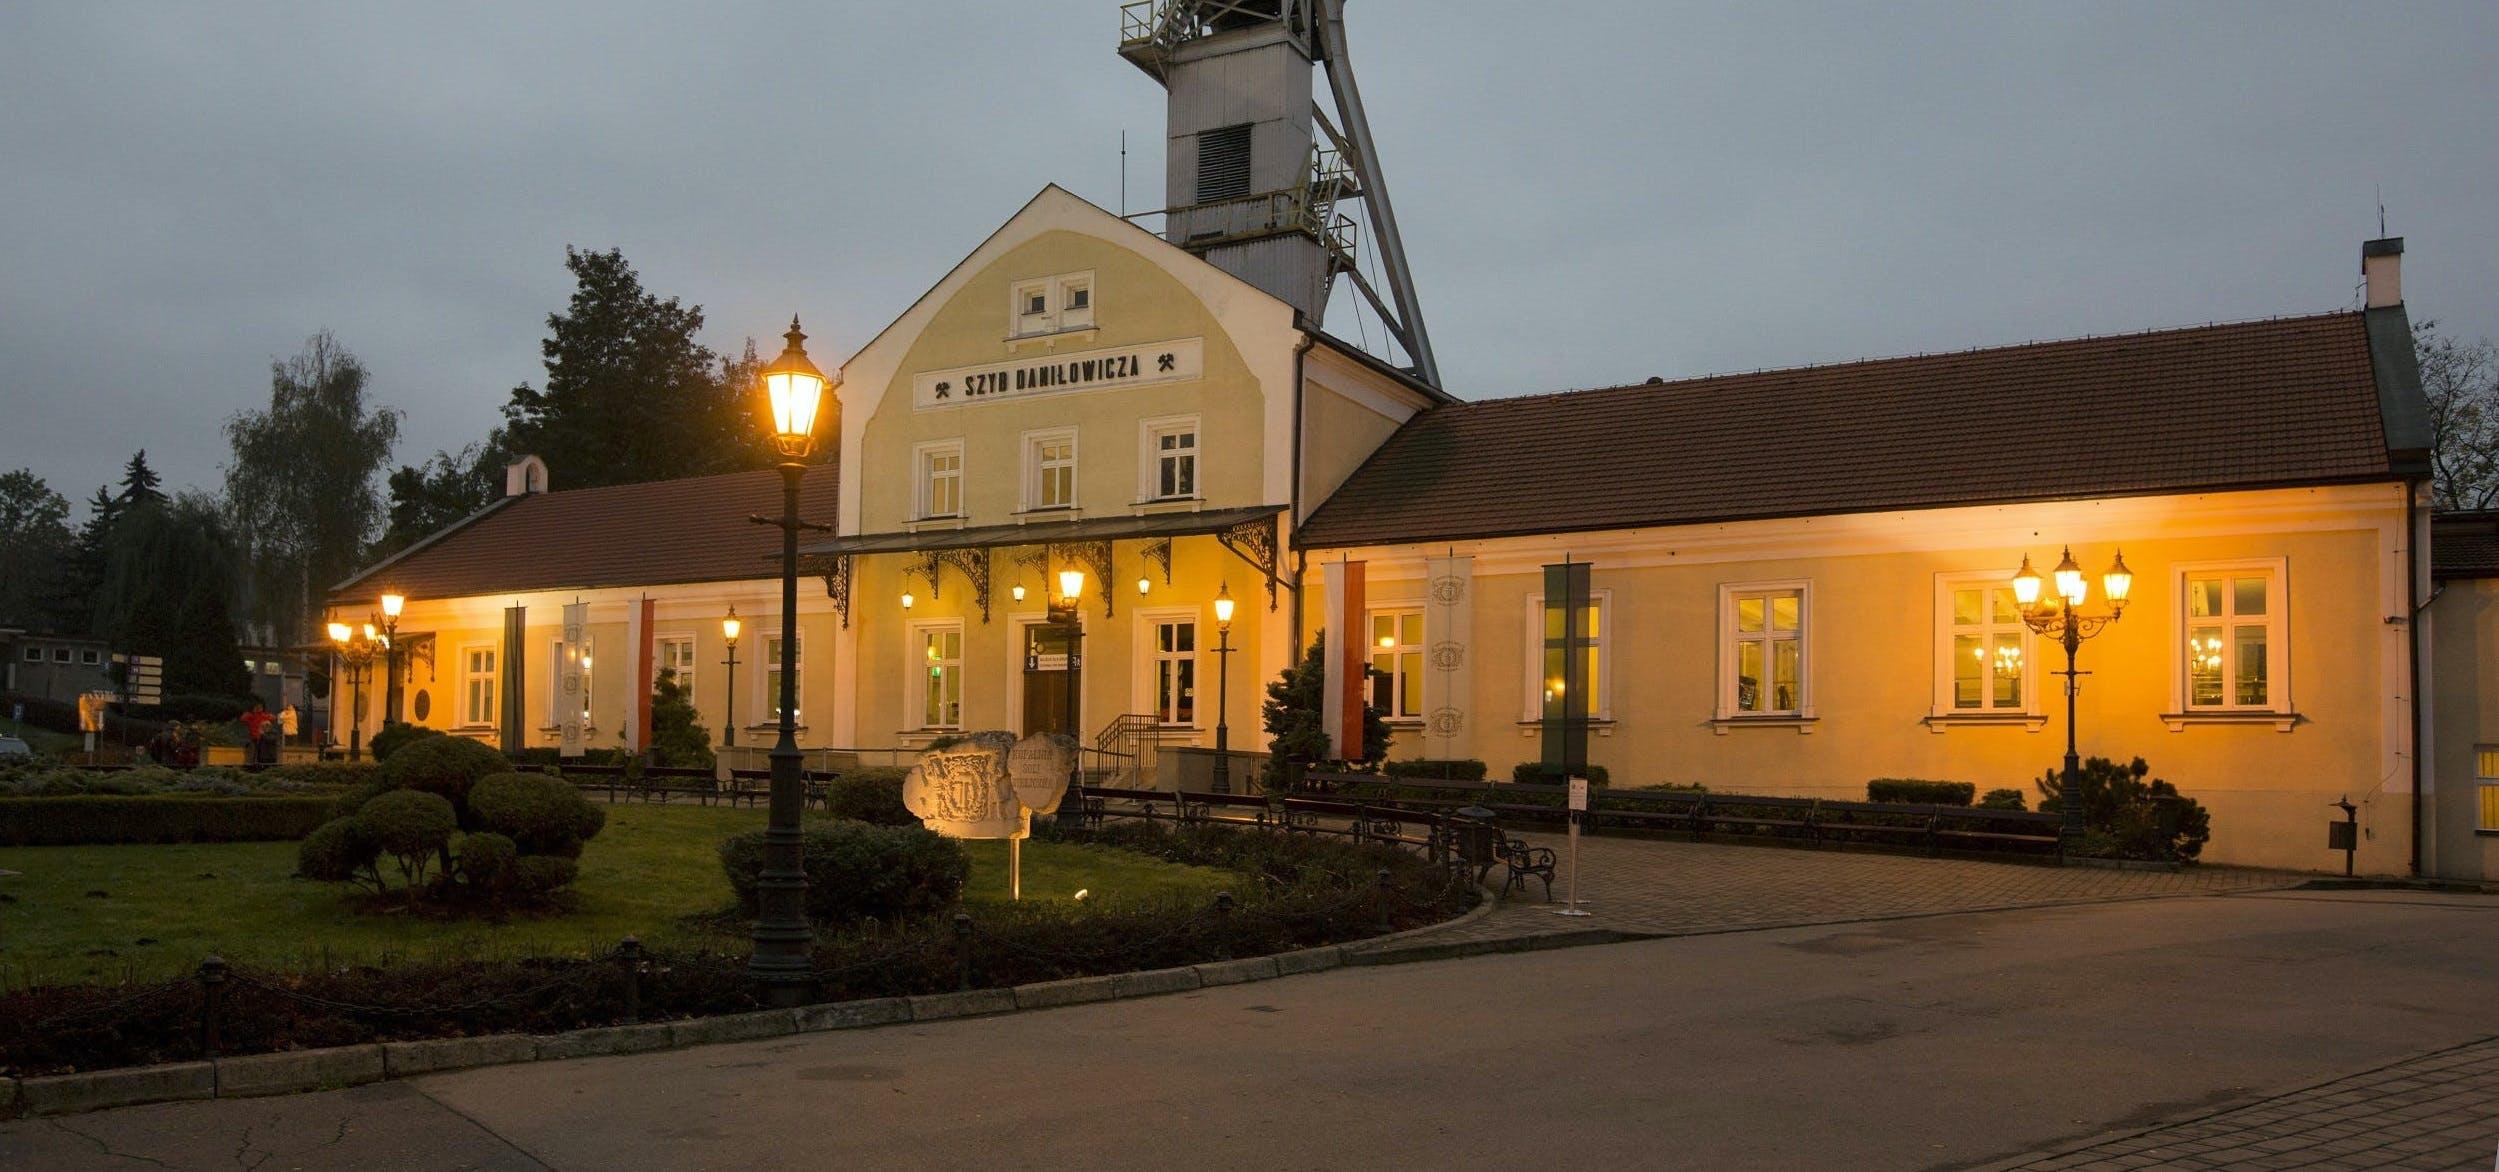 Salir de la ciudad,Tickets, museos, atracciones,Excursiones de un día,Entradas a atracciones principales,Mina de sal Wieliczka,Visita a las minas con transporte incluido